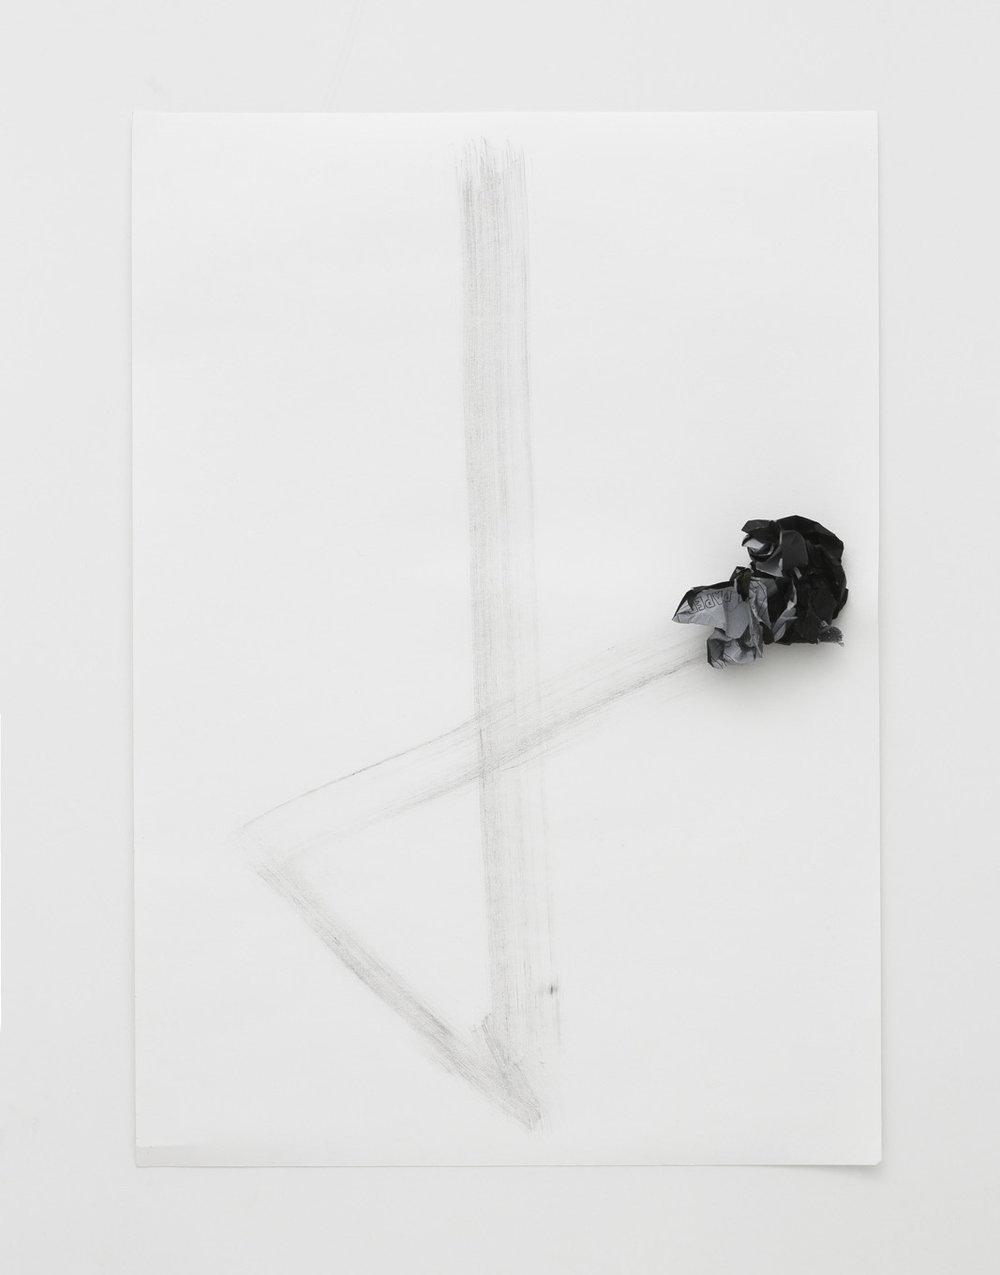 Oscillating Angle, 2011